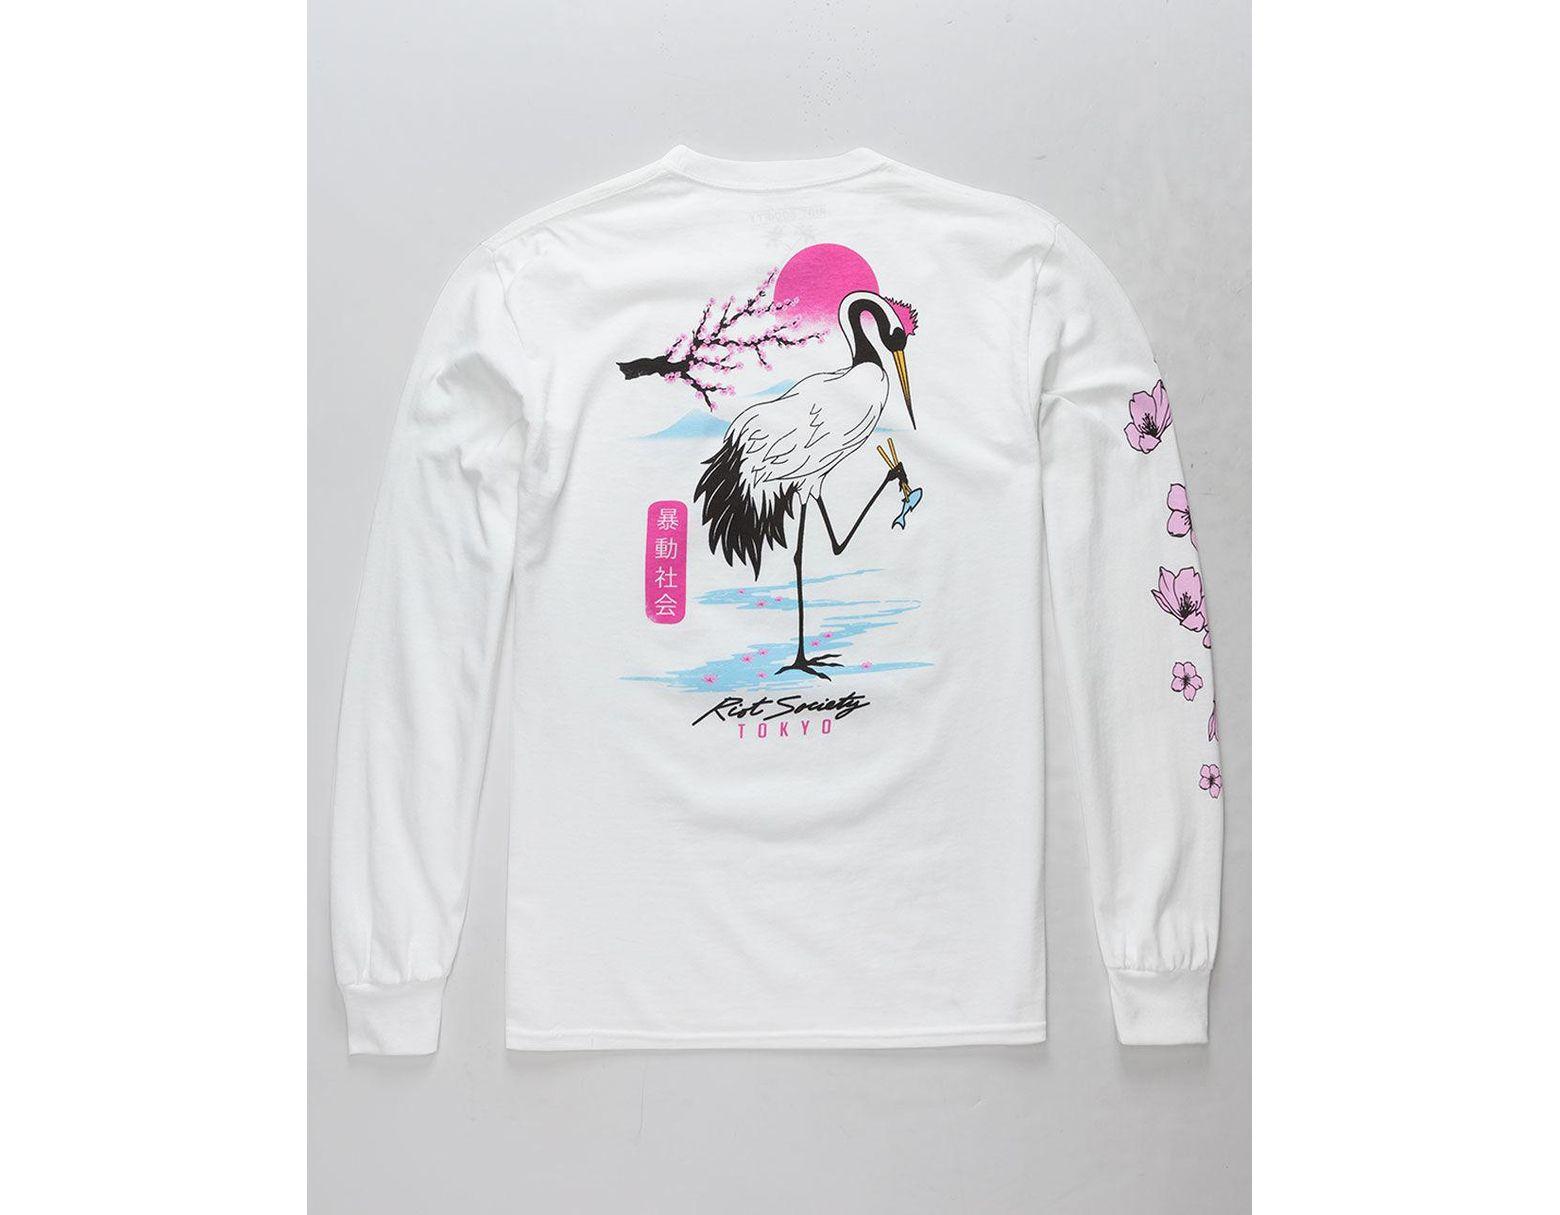 982a1ab8ec White So Crane Cray Mens T-shirt